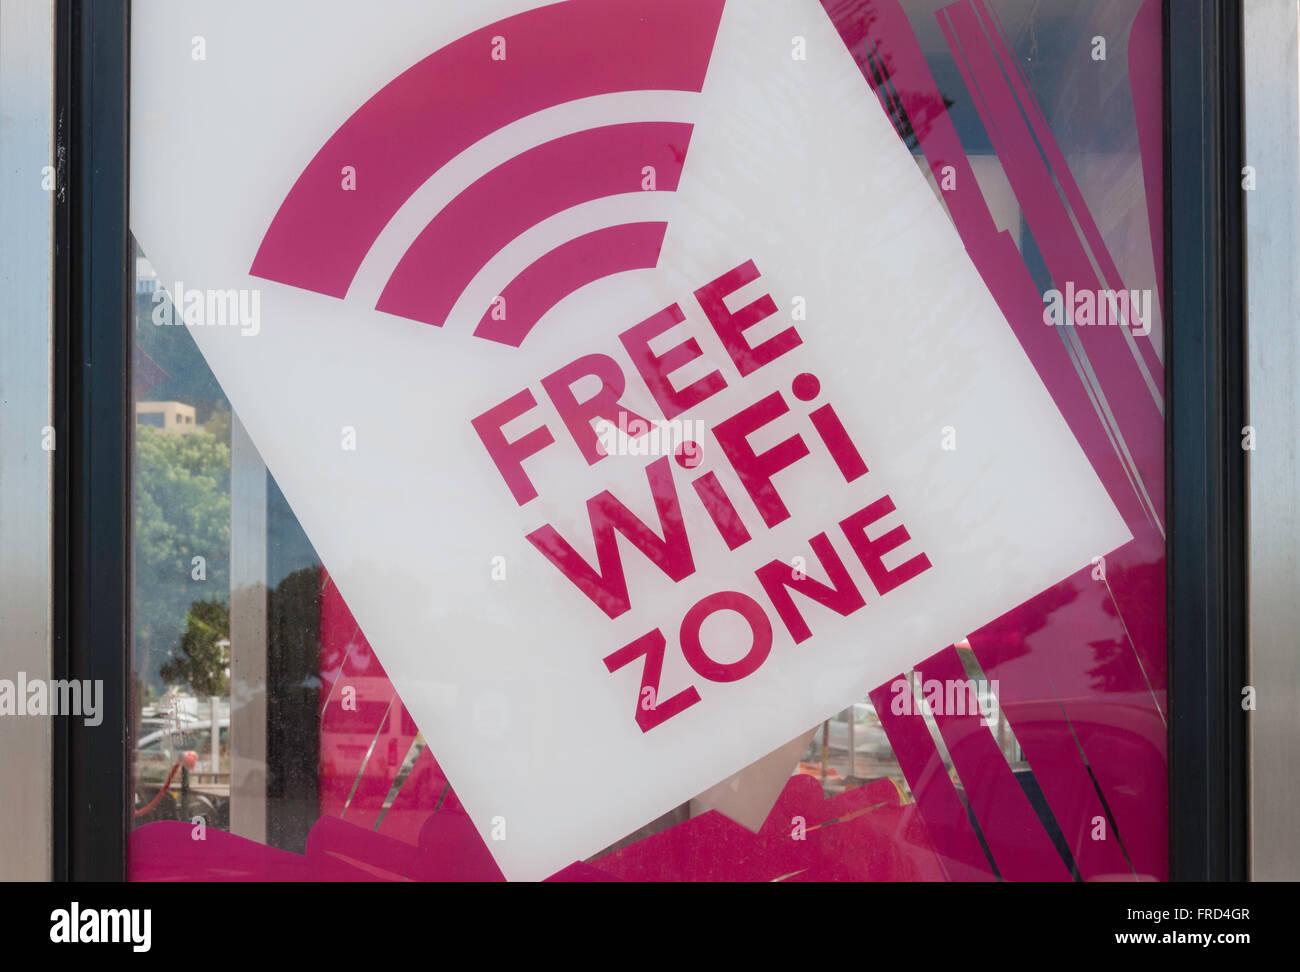 Signo de zona WiFi gratuita en el teléfono quiosco, Esplanade, Sumner, Christchurch, la región de Canterbury, Imagen De Stock